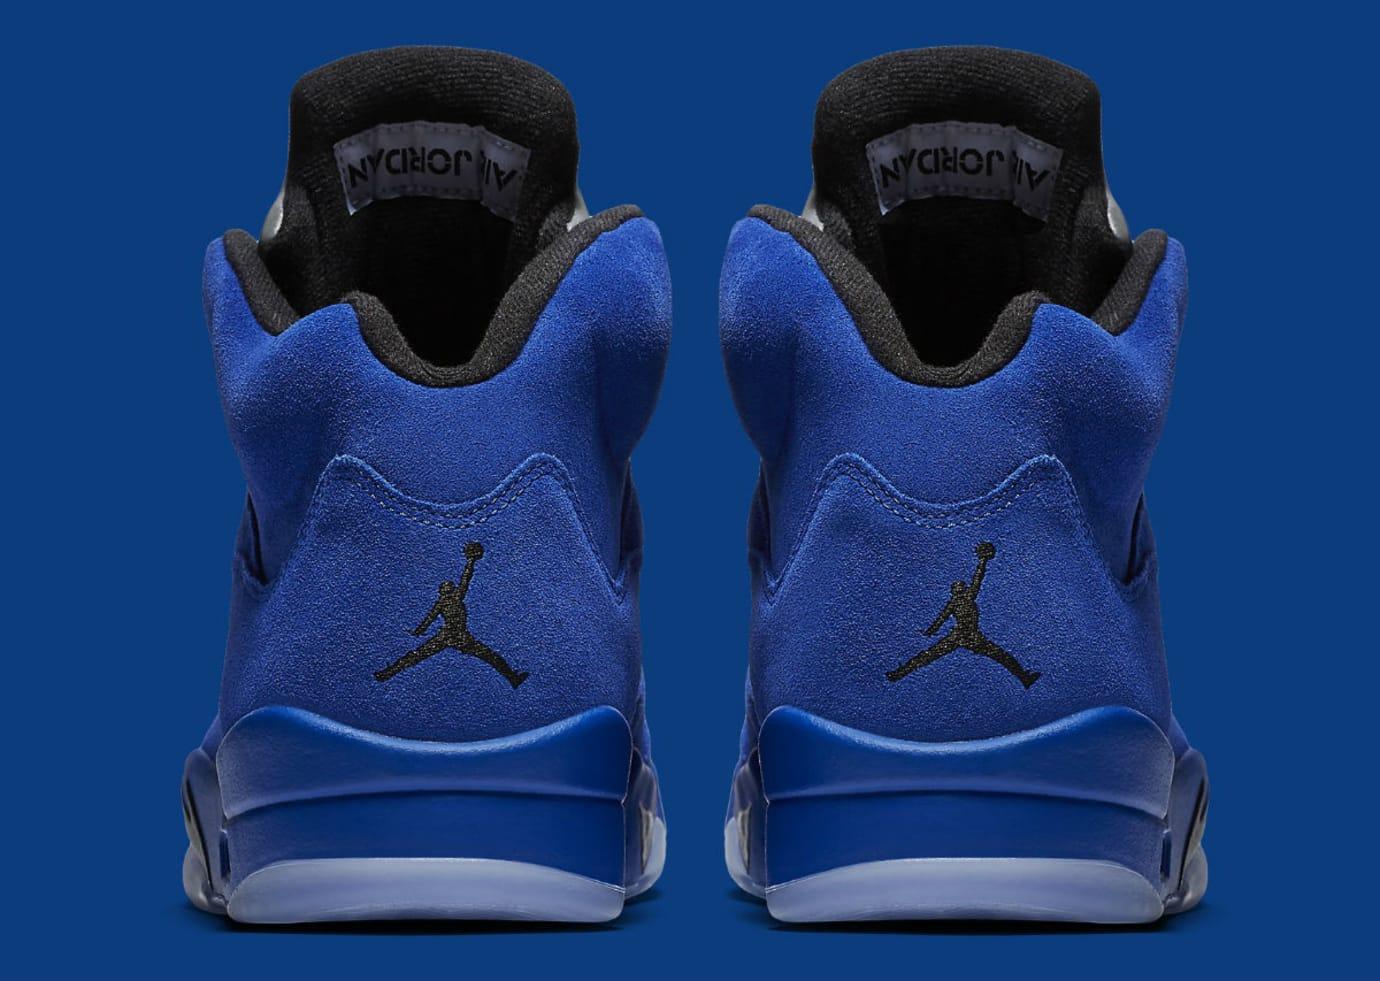 d9b518747edd Air Jordan 5 Royal Blue Suede Flight Suit Release Date Heel 136027-401